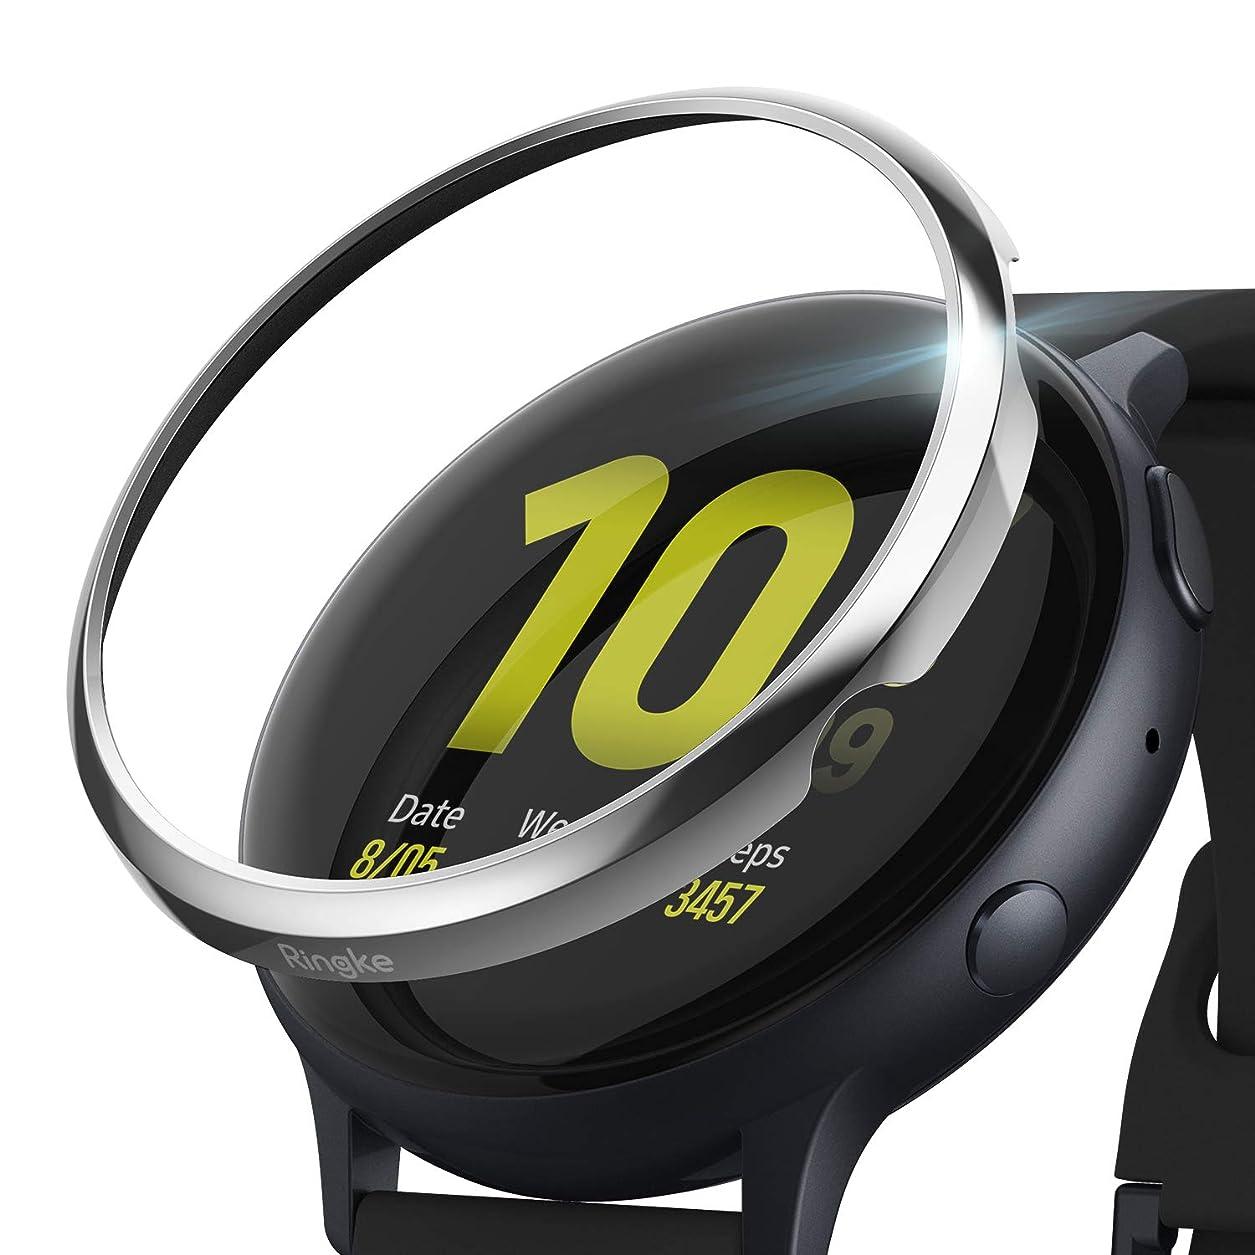 含む流す依存【Ringke】Galaxy Watch Active2 44mm ケース/ギャラクシー ウォッチ アクティブ ケース スリム 保護カバー スマートウォッチ ケース 耐衝撃 ステインレス画面保護-[Stainless] Galaxy Watch Active 2 Bezel Styling GW-A2-44-01 (Glossy Silver グロッシーシルバー)